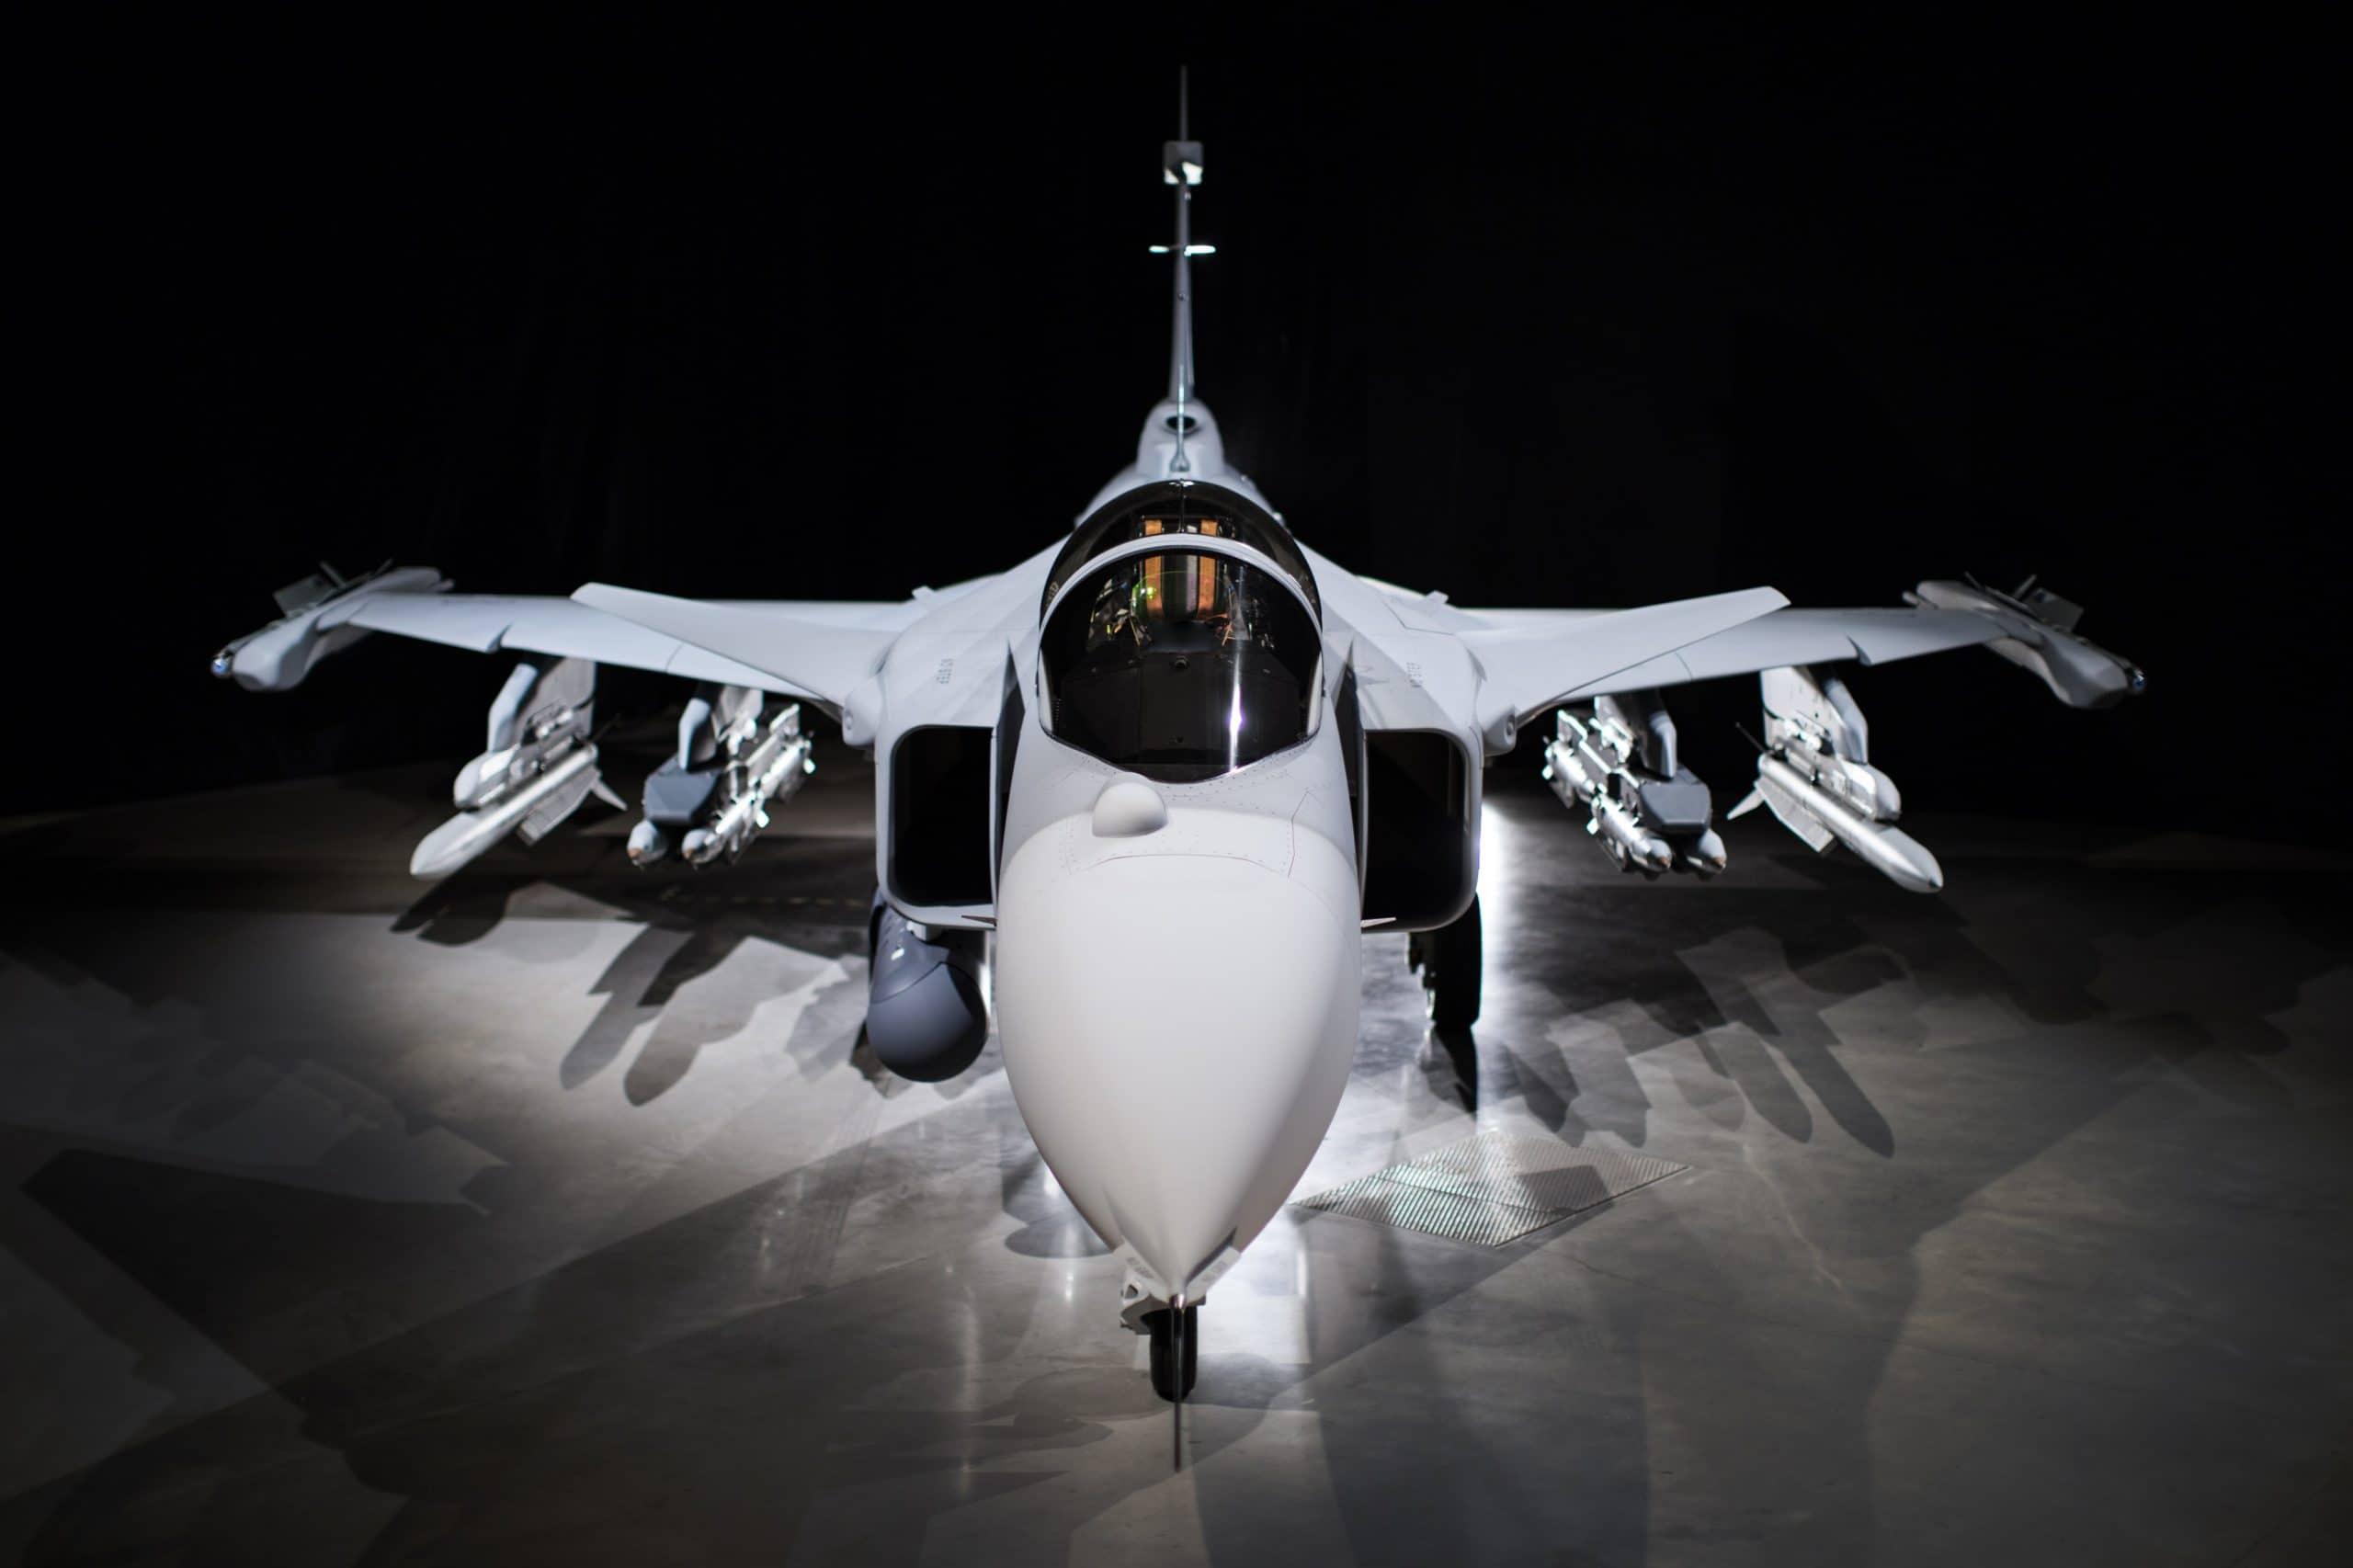 Багатоцільовий винищувач Saab JAS-39E Gripen